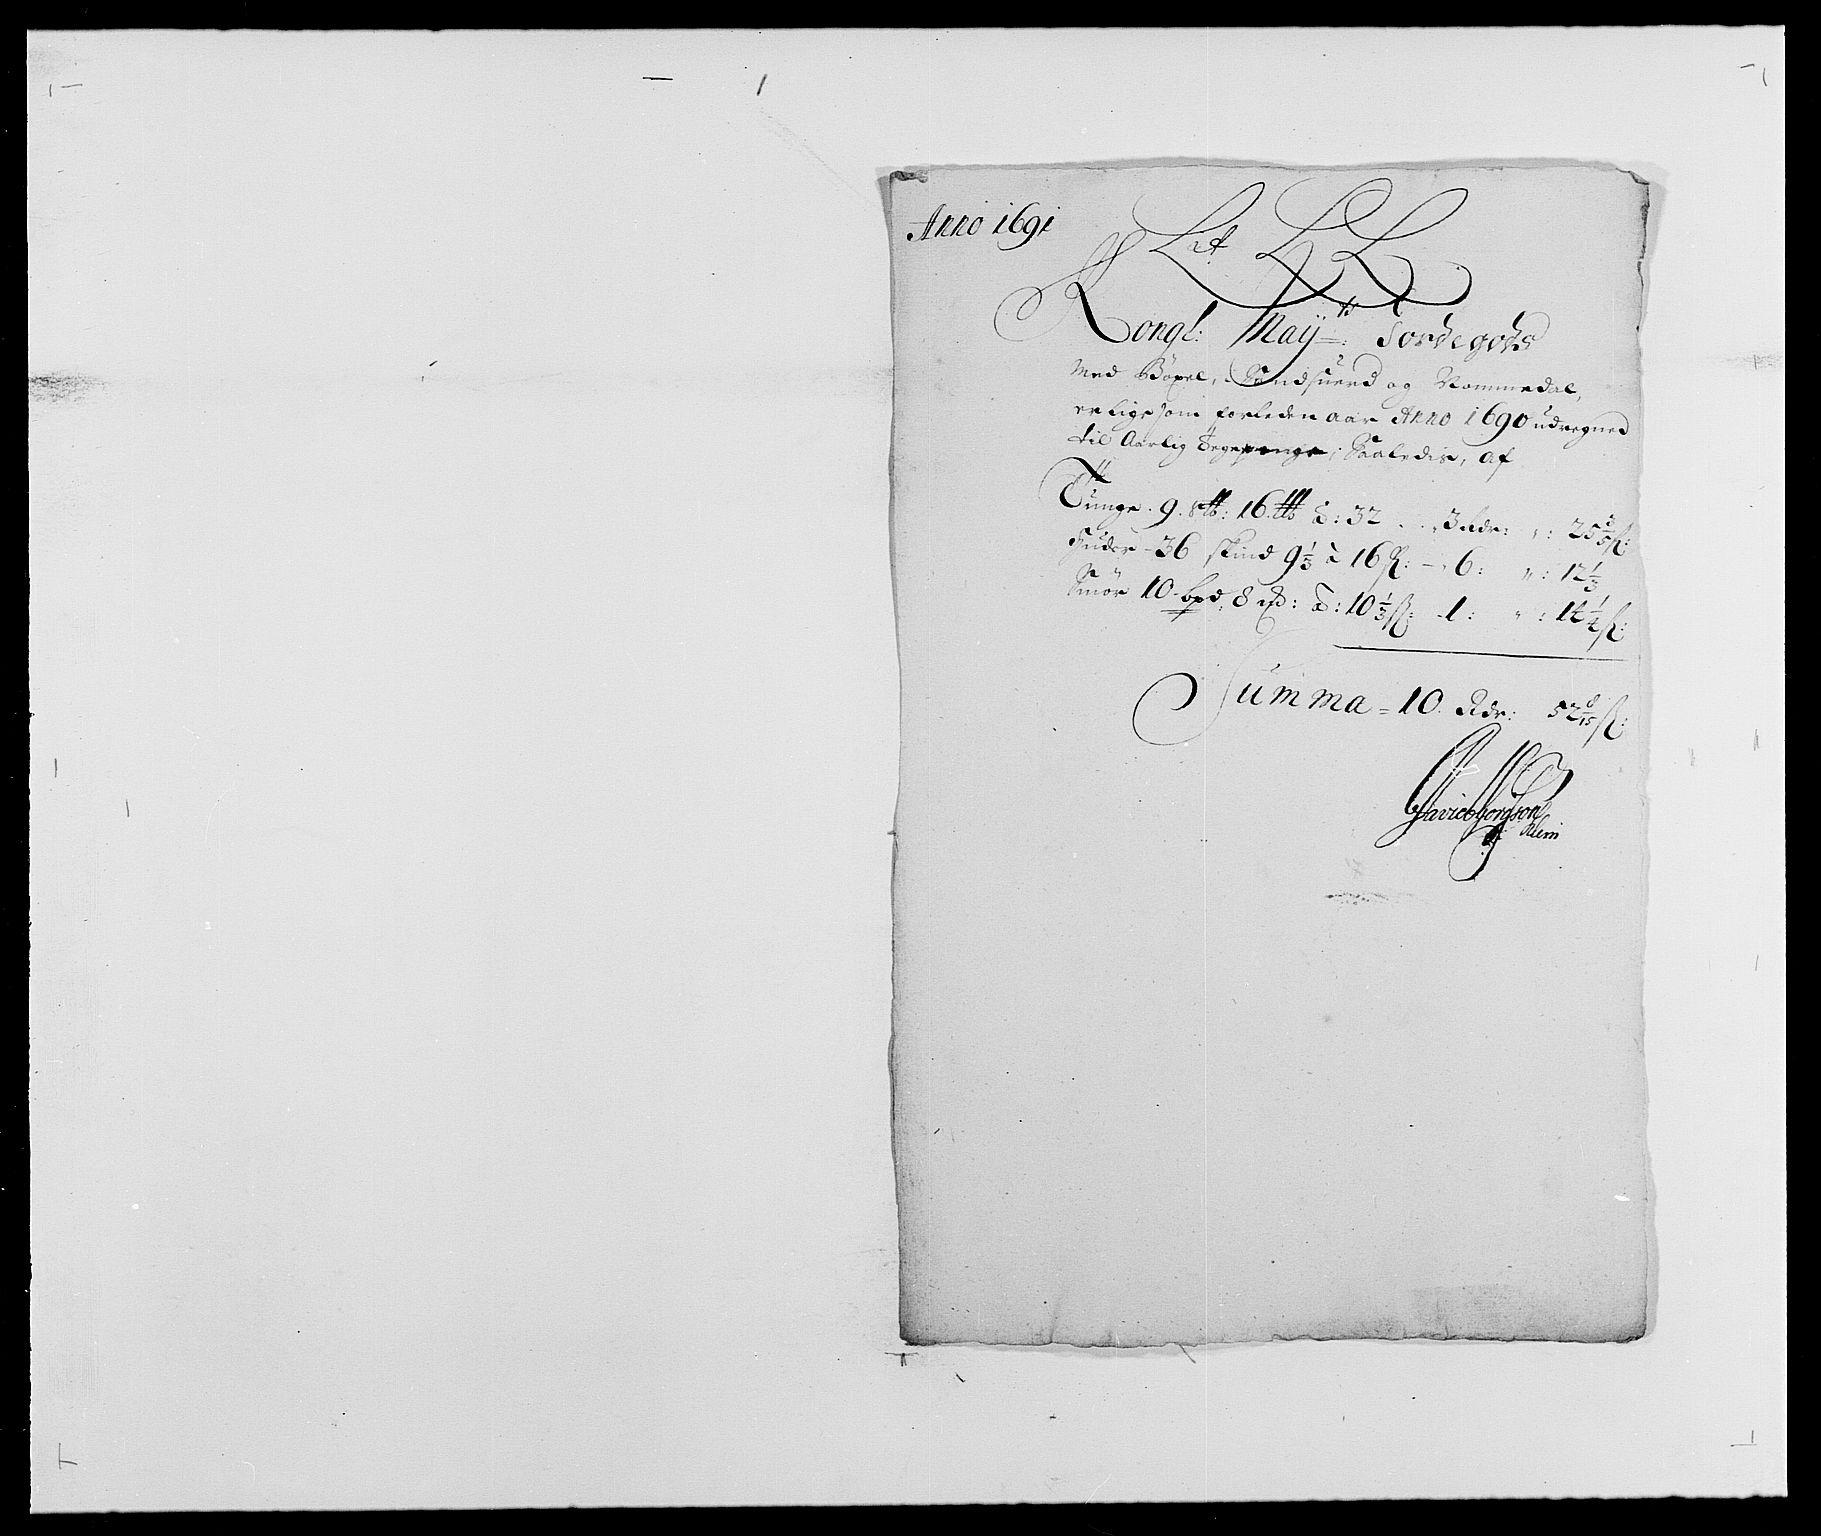 RA, Rentekammeret inntil 1814, Reviderte regnskaper, Fogderegnskap, R24/L1573: Fogderegnskap Numedal og Sandsvær, 1687-1691, s. 480